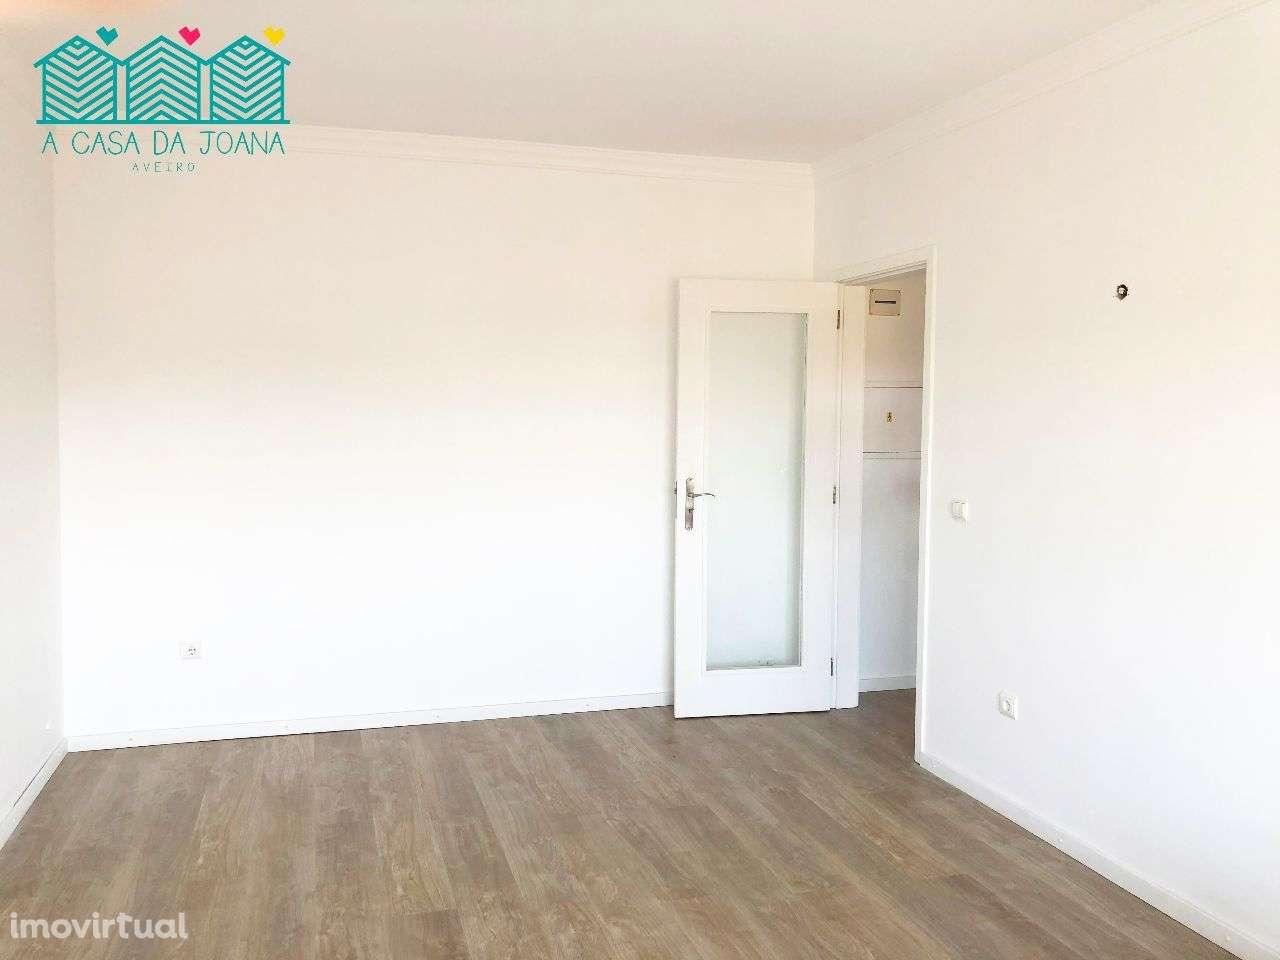 Apartamento para comprar, Estrada de São Bernardo, São Bernardo - Foto 3